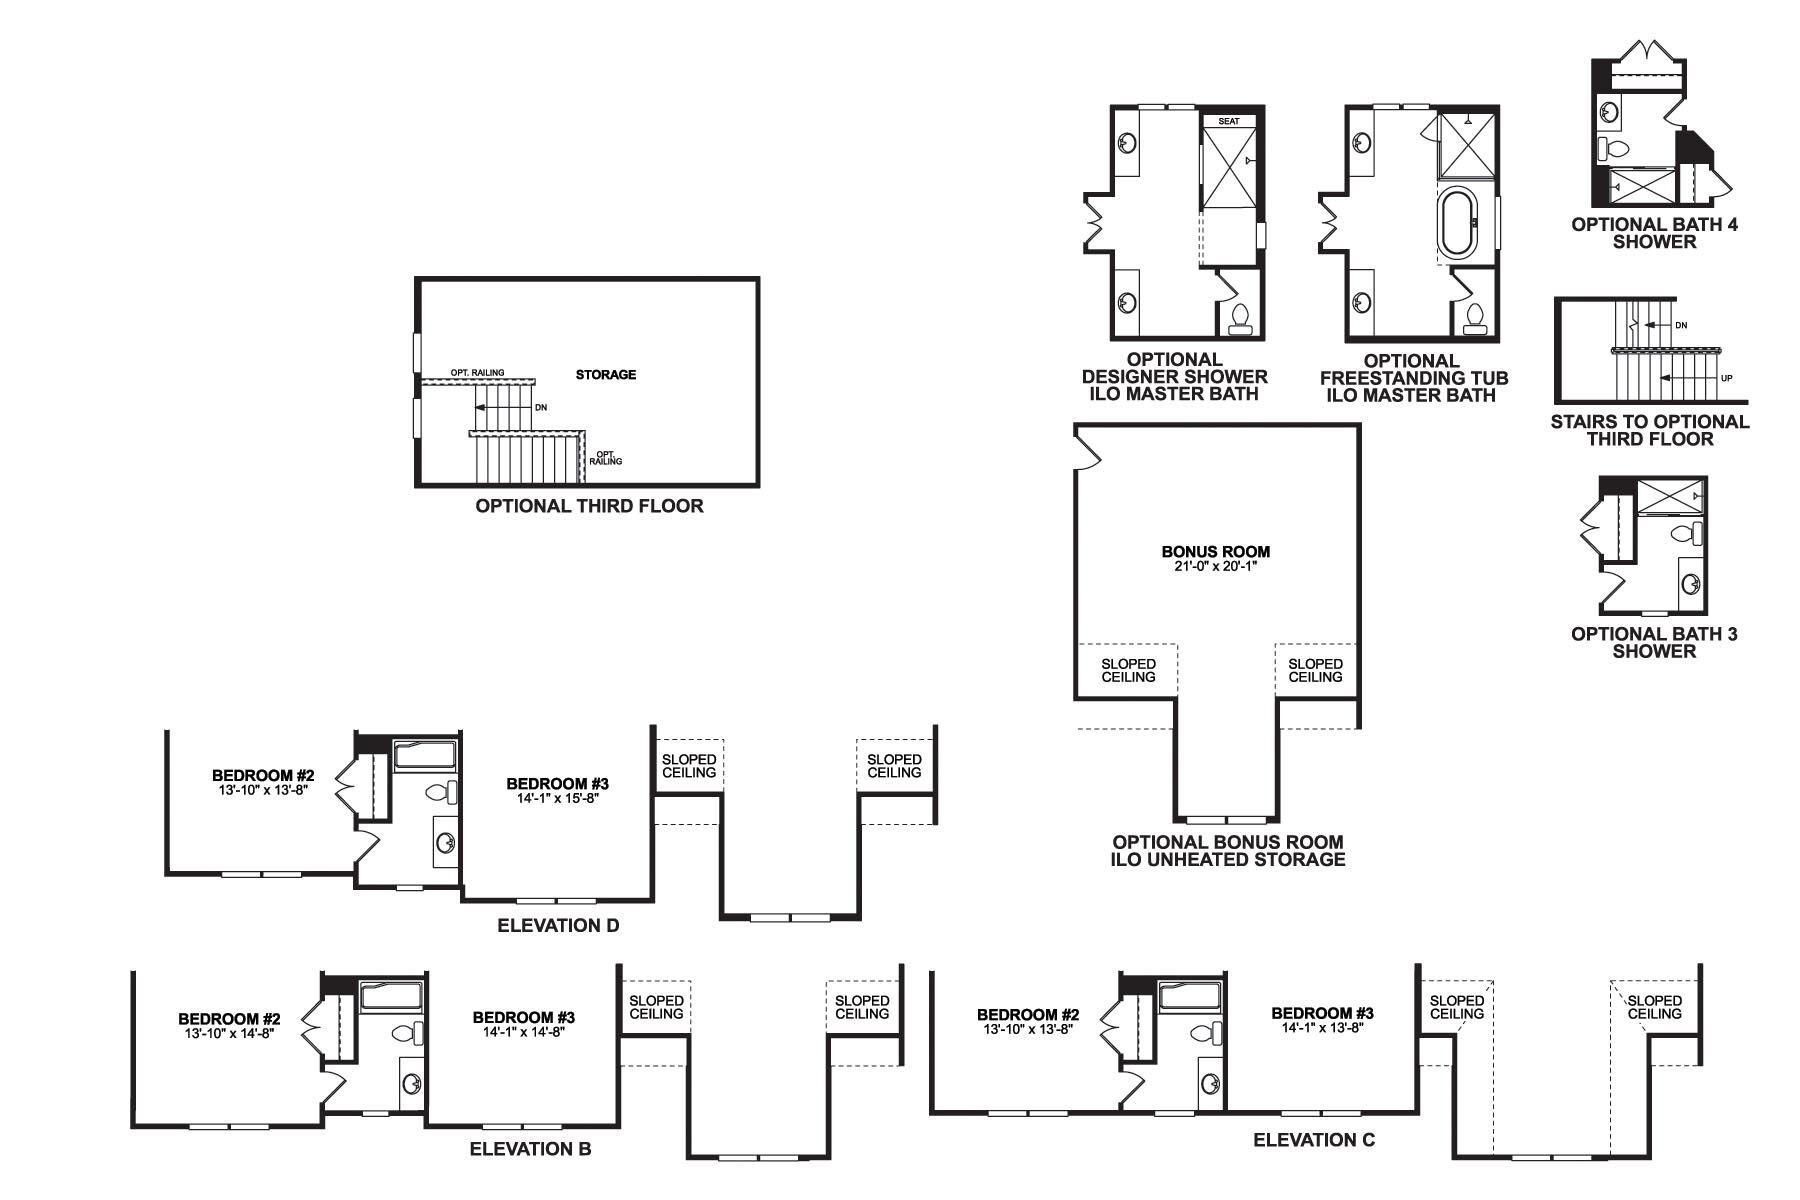 Biltmore Second Floor Options